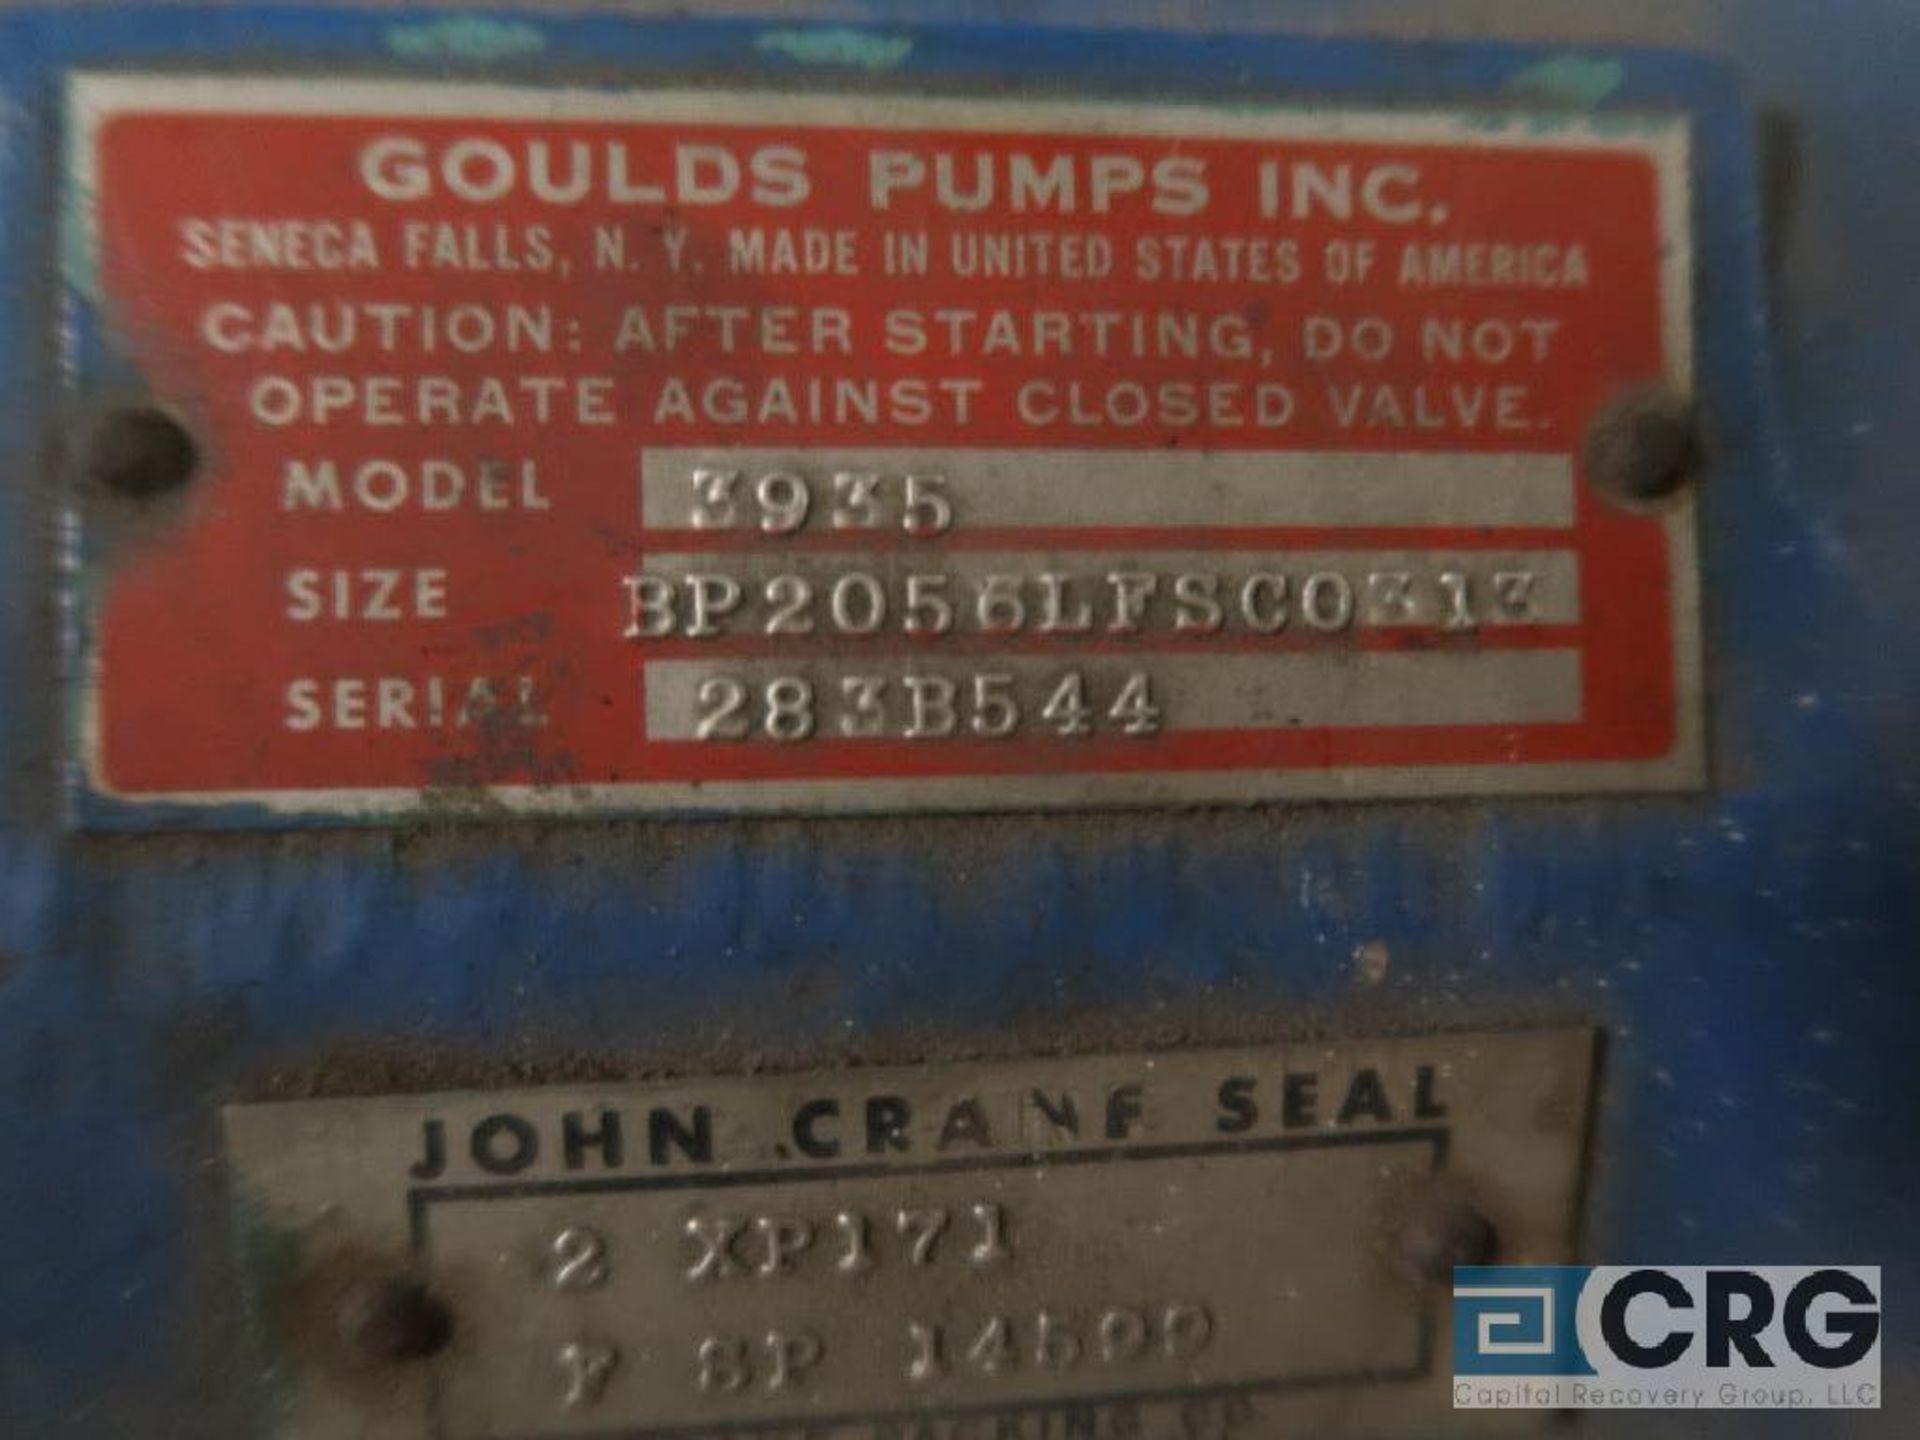 Goulds 3935 power unit, size 3P2056LFSCO313 (Basement Stores) - Image 2 of 2